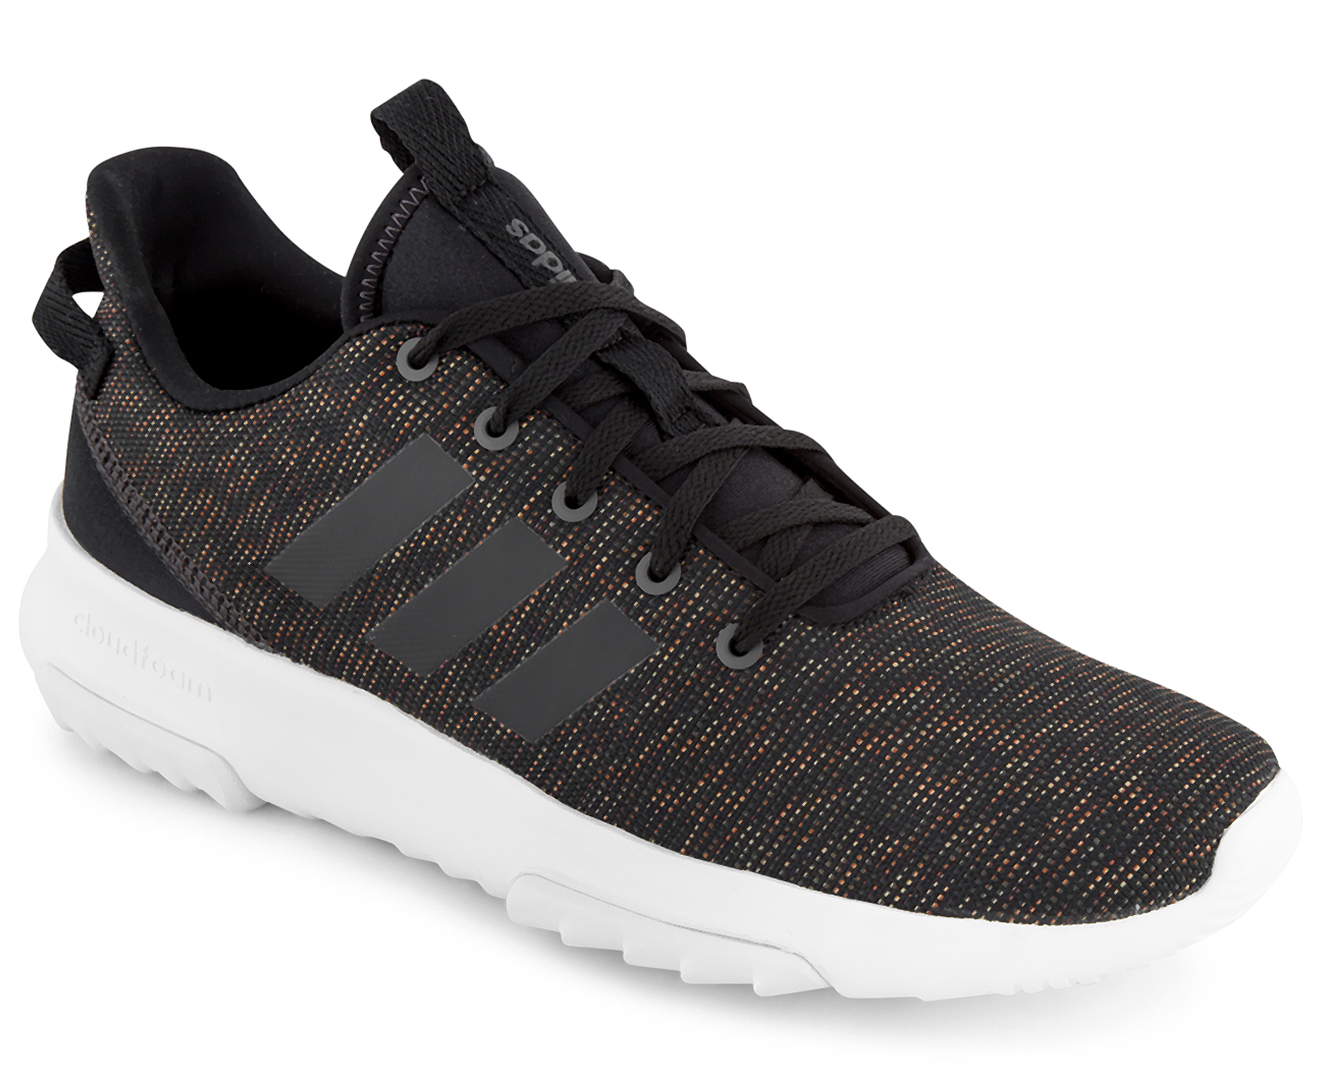 Adidas NEO Men s Cloudfoam Racer TR Shoe - Casual Black Utility Black  d2031b9c7